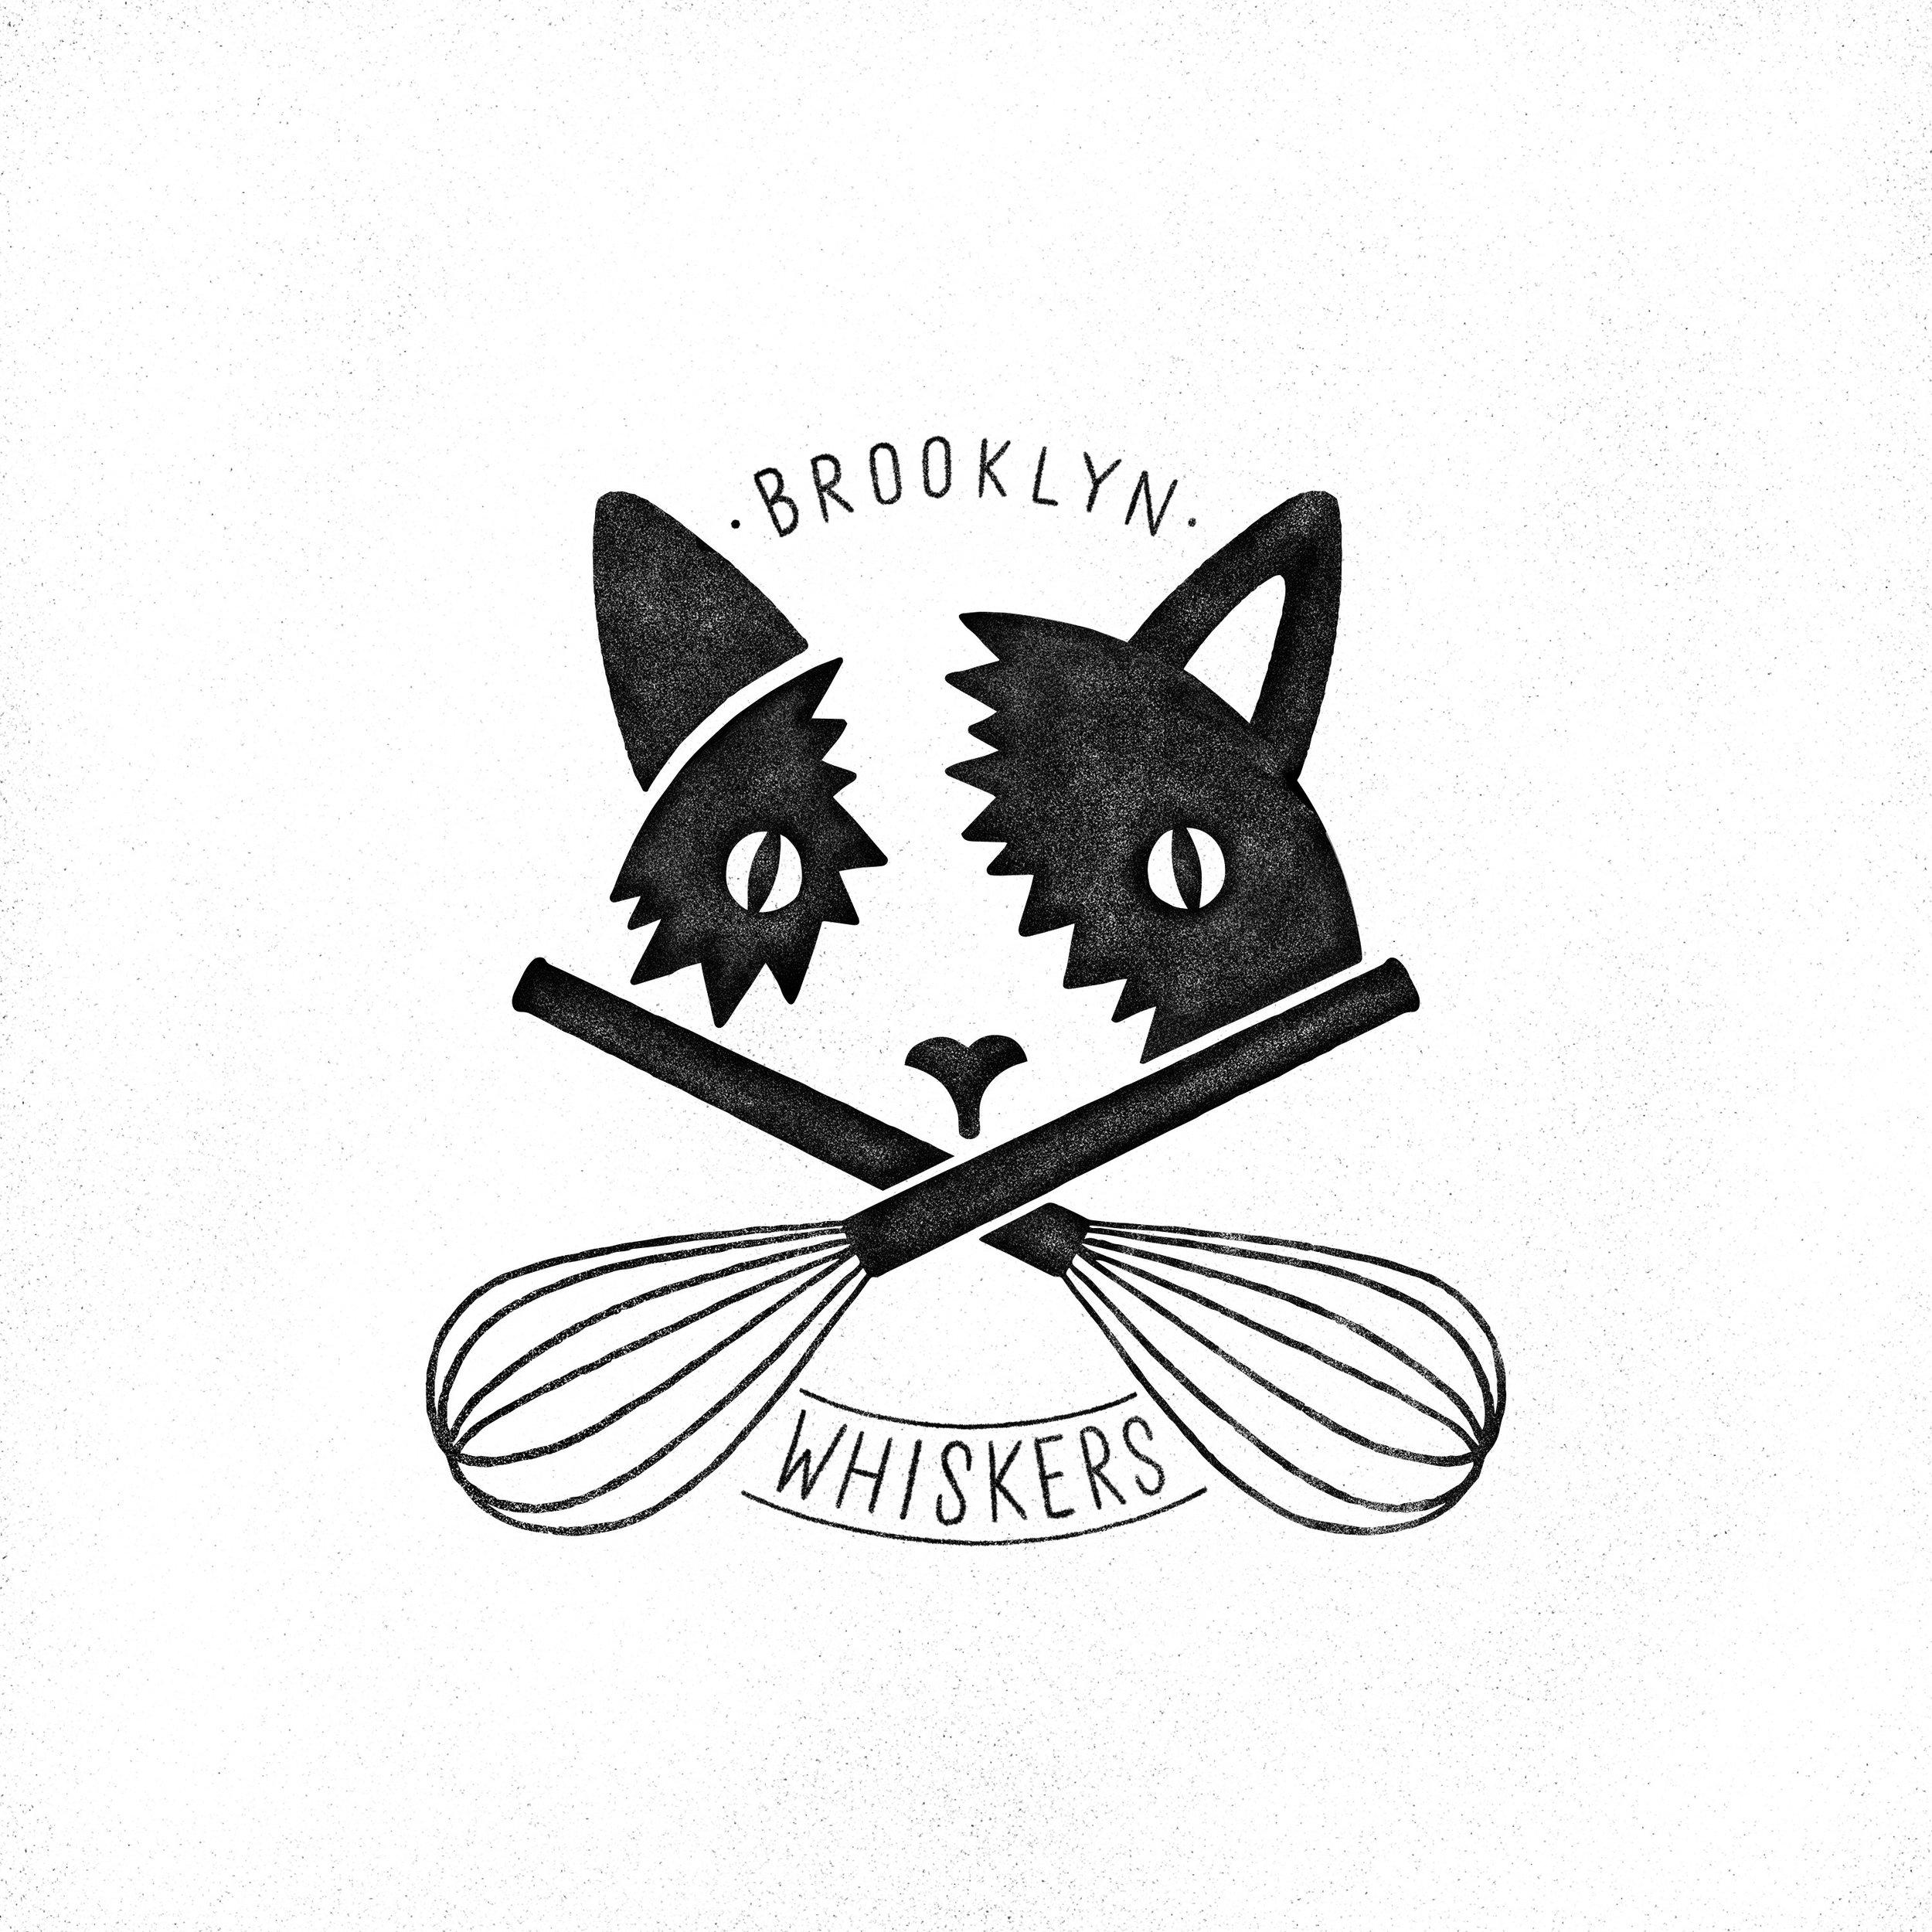 whiskers_logo_final.jpg